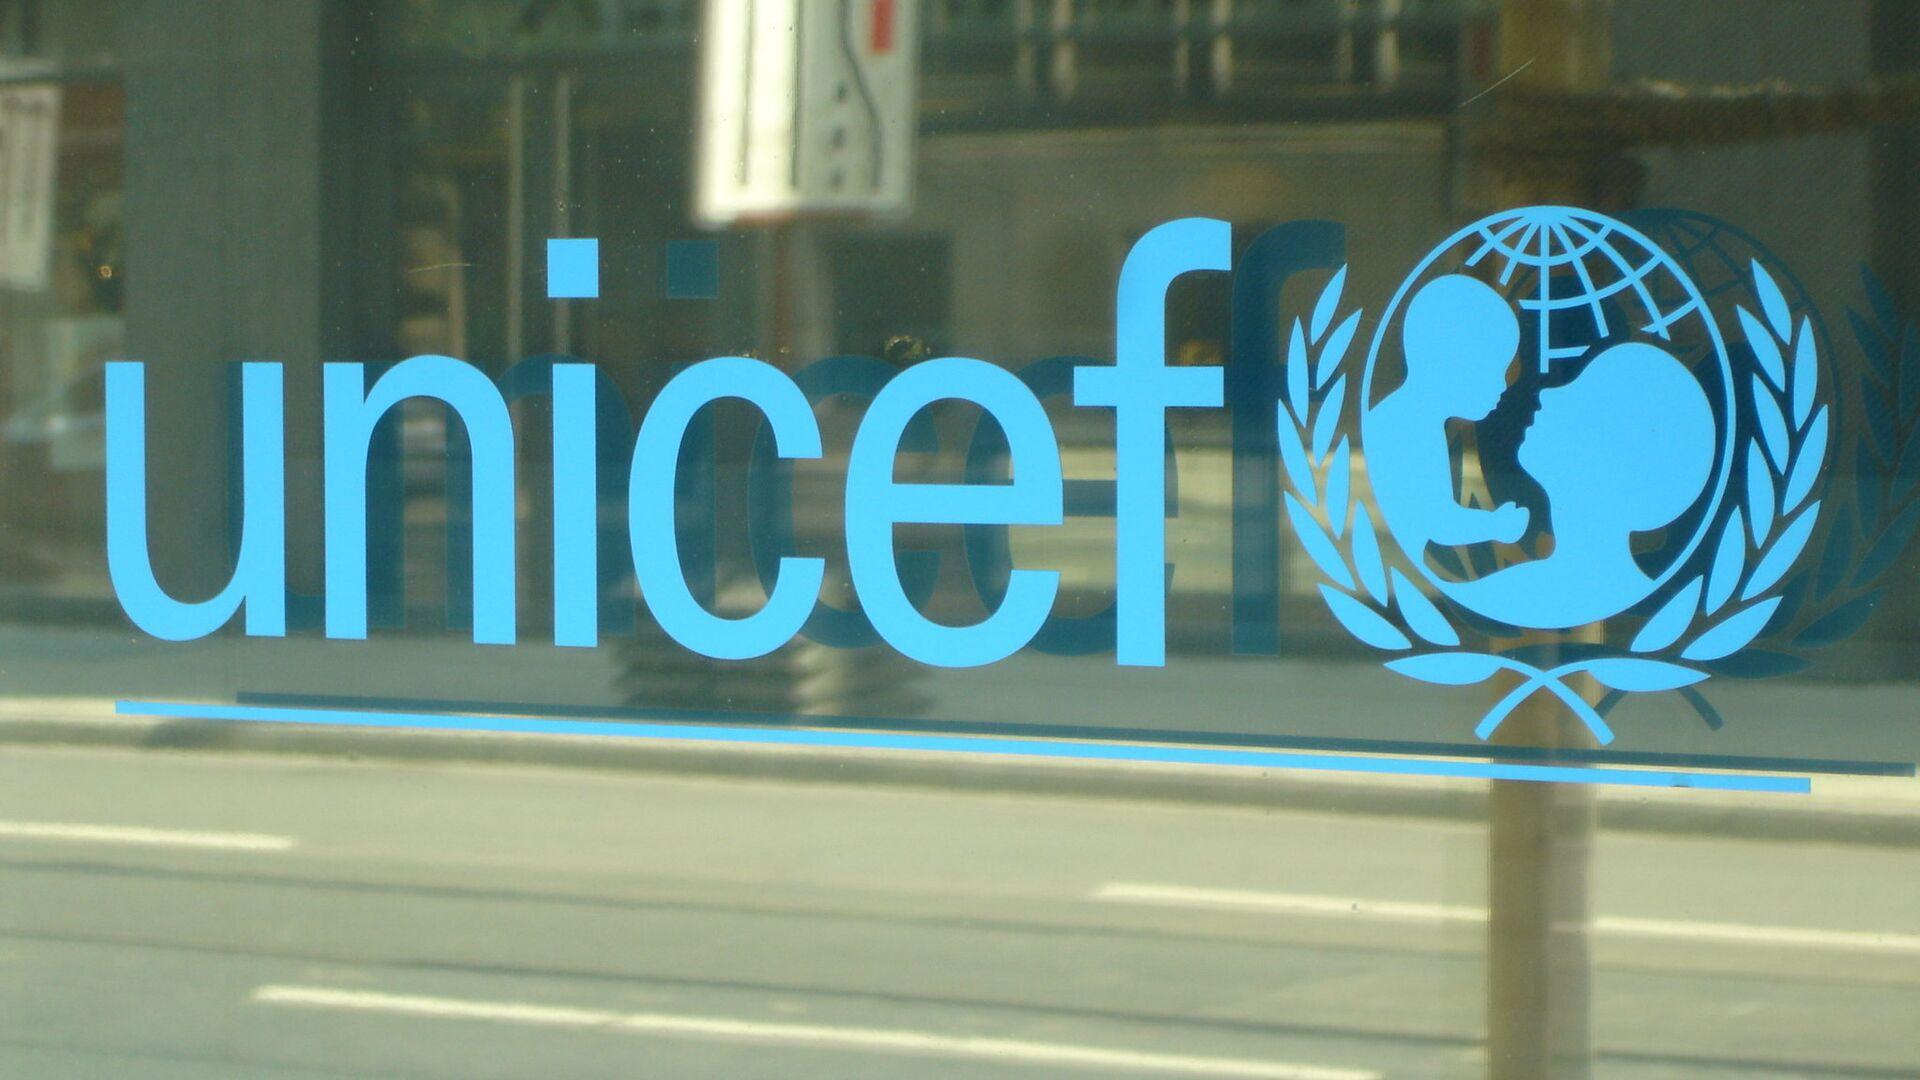 El logo de UNICEF - Sputnik Mundo, 1920, 17.02.2021